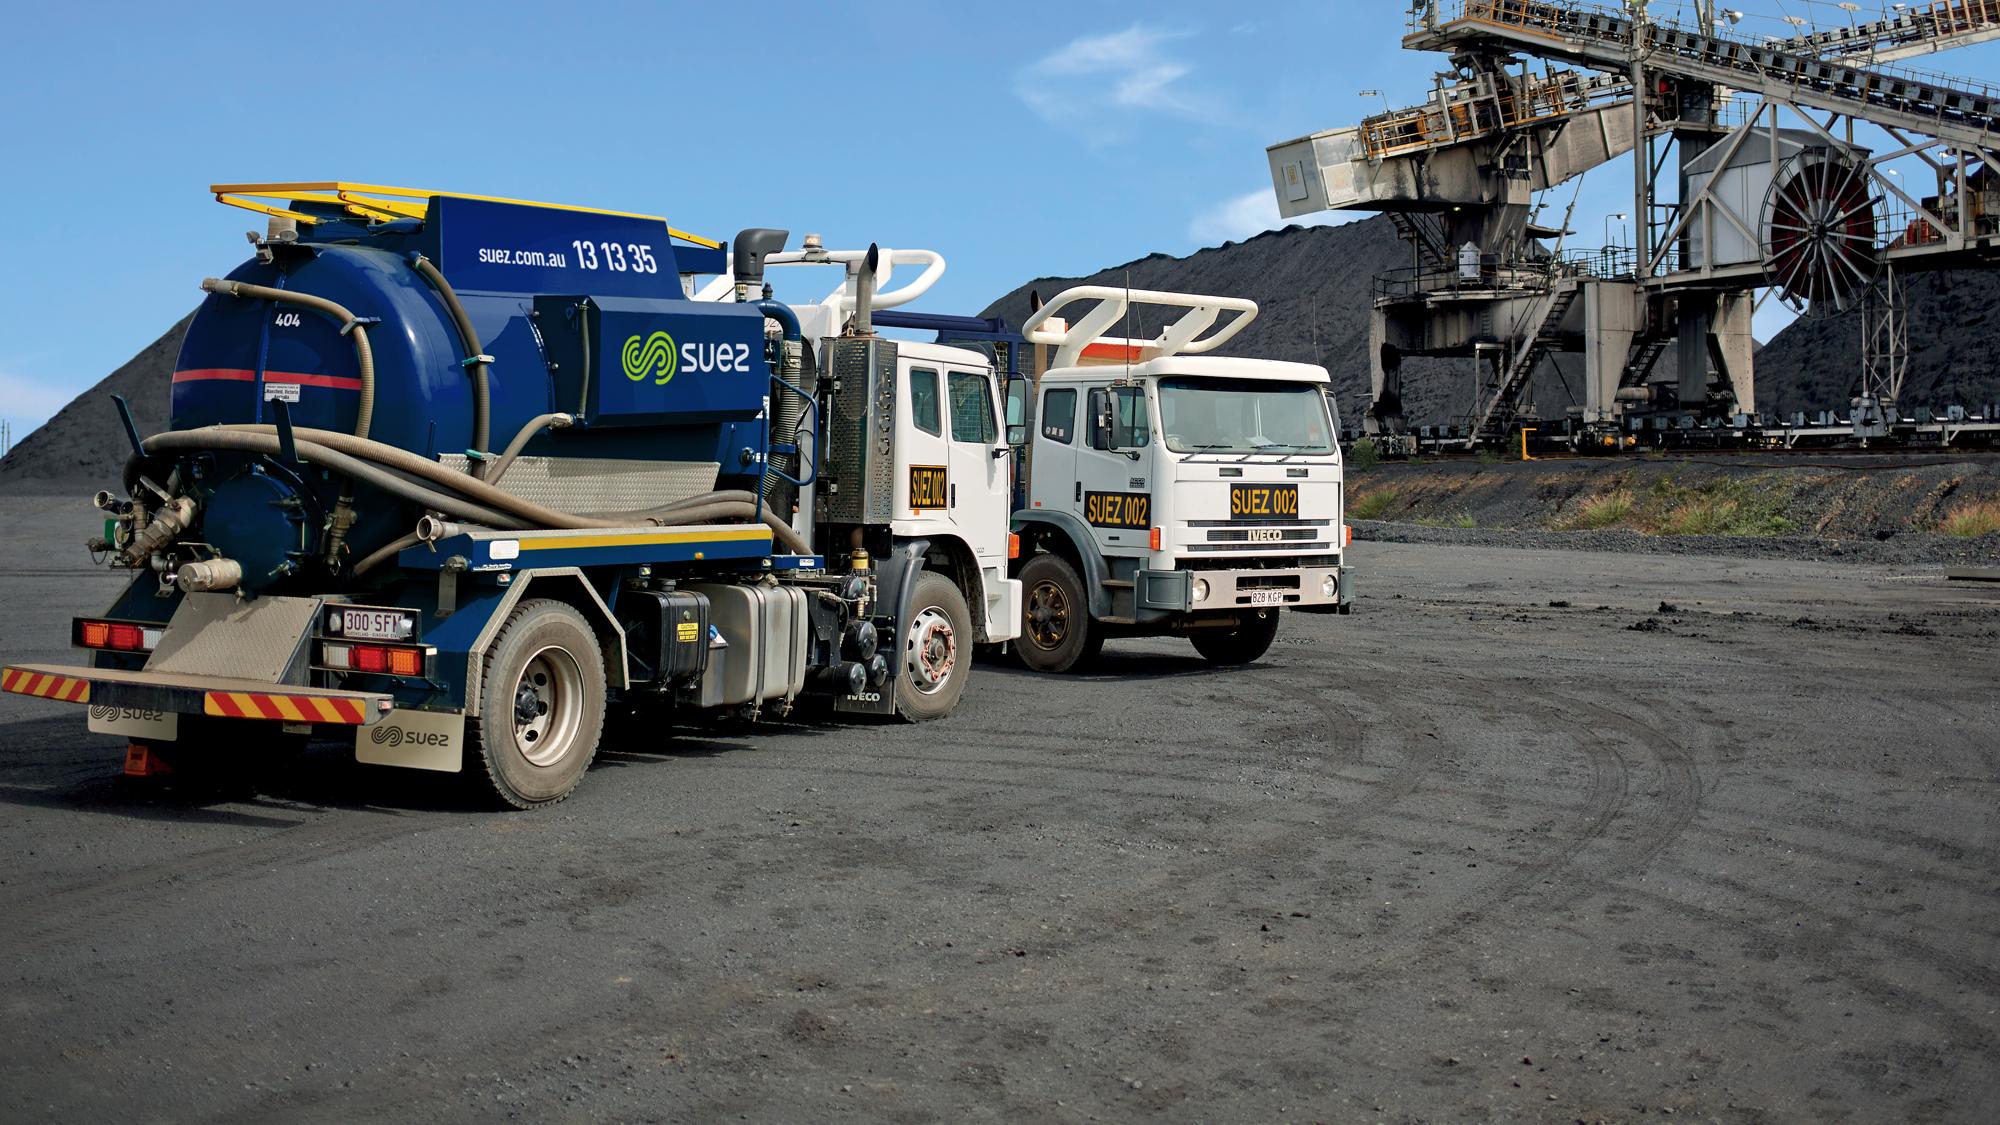 SUEZ Liquid Waste header image. Image of two SUEZ tanker trucks on a mine site.